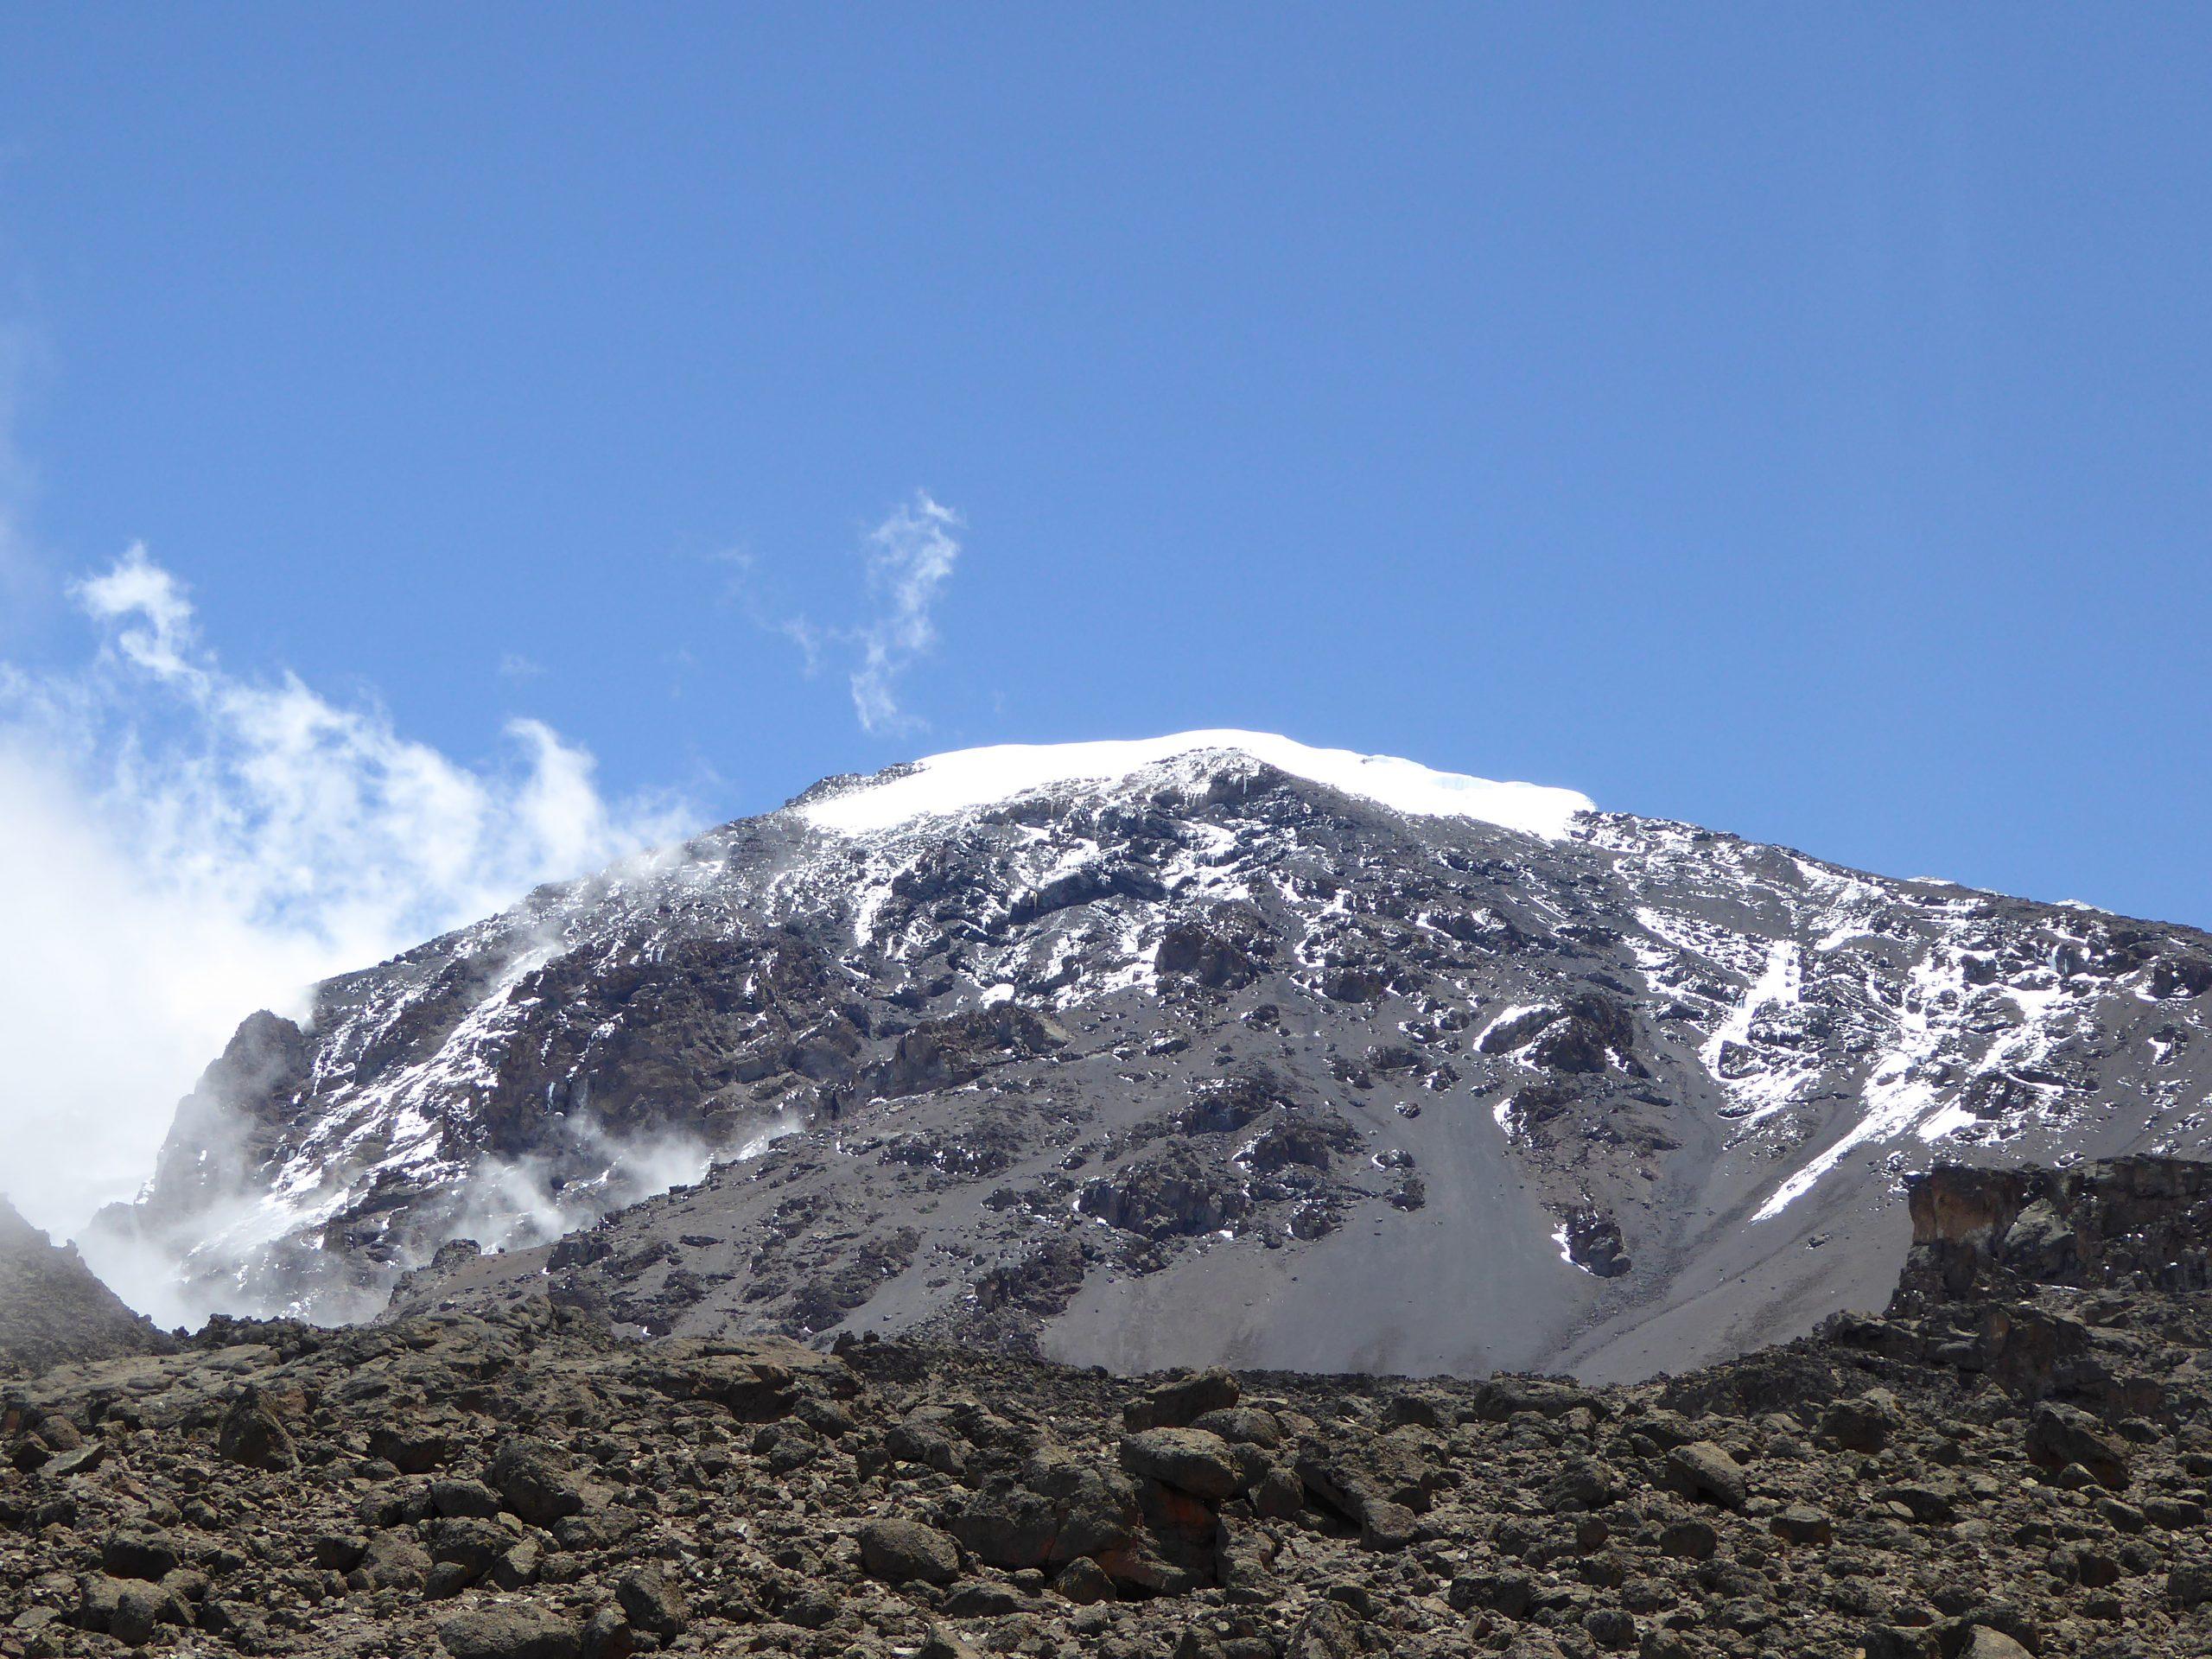 Radreise Afrika 2014 - Kilimanjaro - Decken- und Rebmann-Gletscher